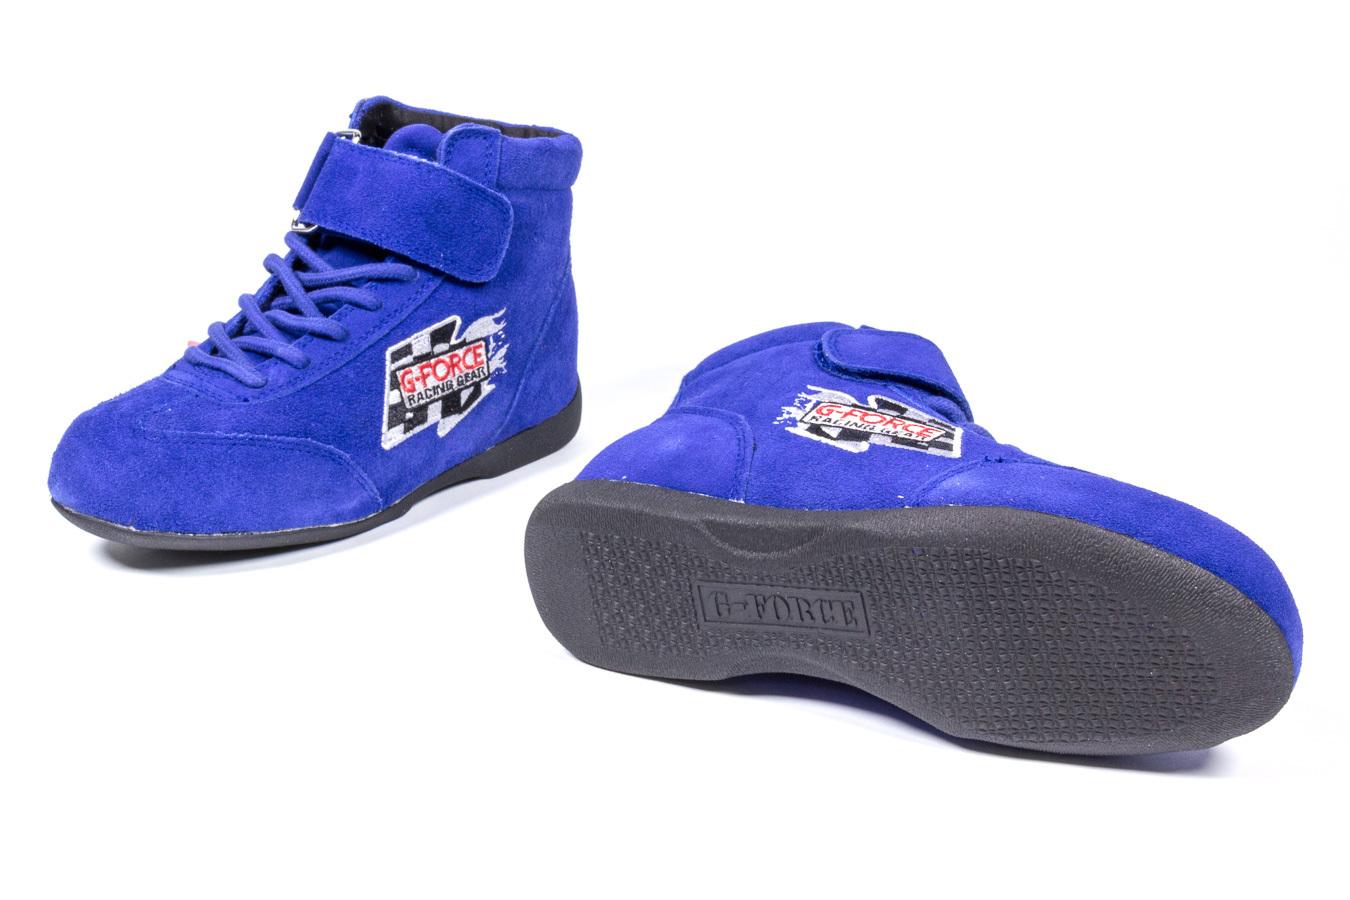 GF235 RaceGrip Mid-Top Shoes Blue Size 11